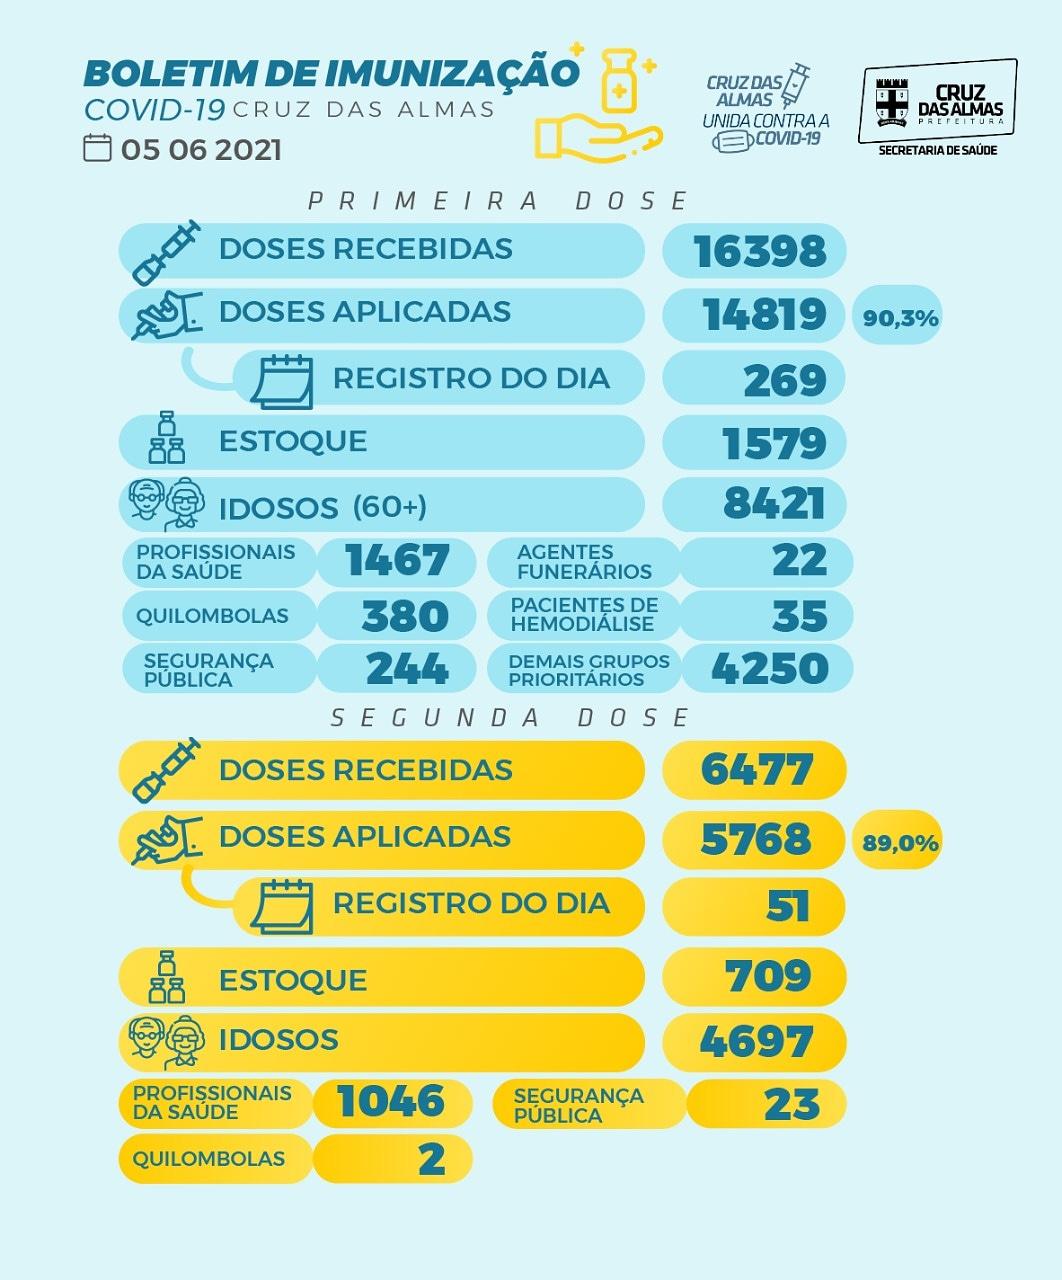 BOLETIM DE IMUNIZAÇÃO 05/06/2021